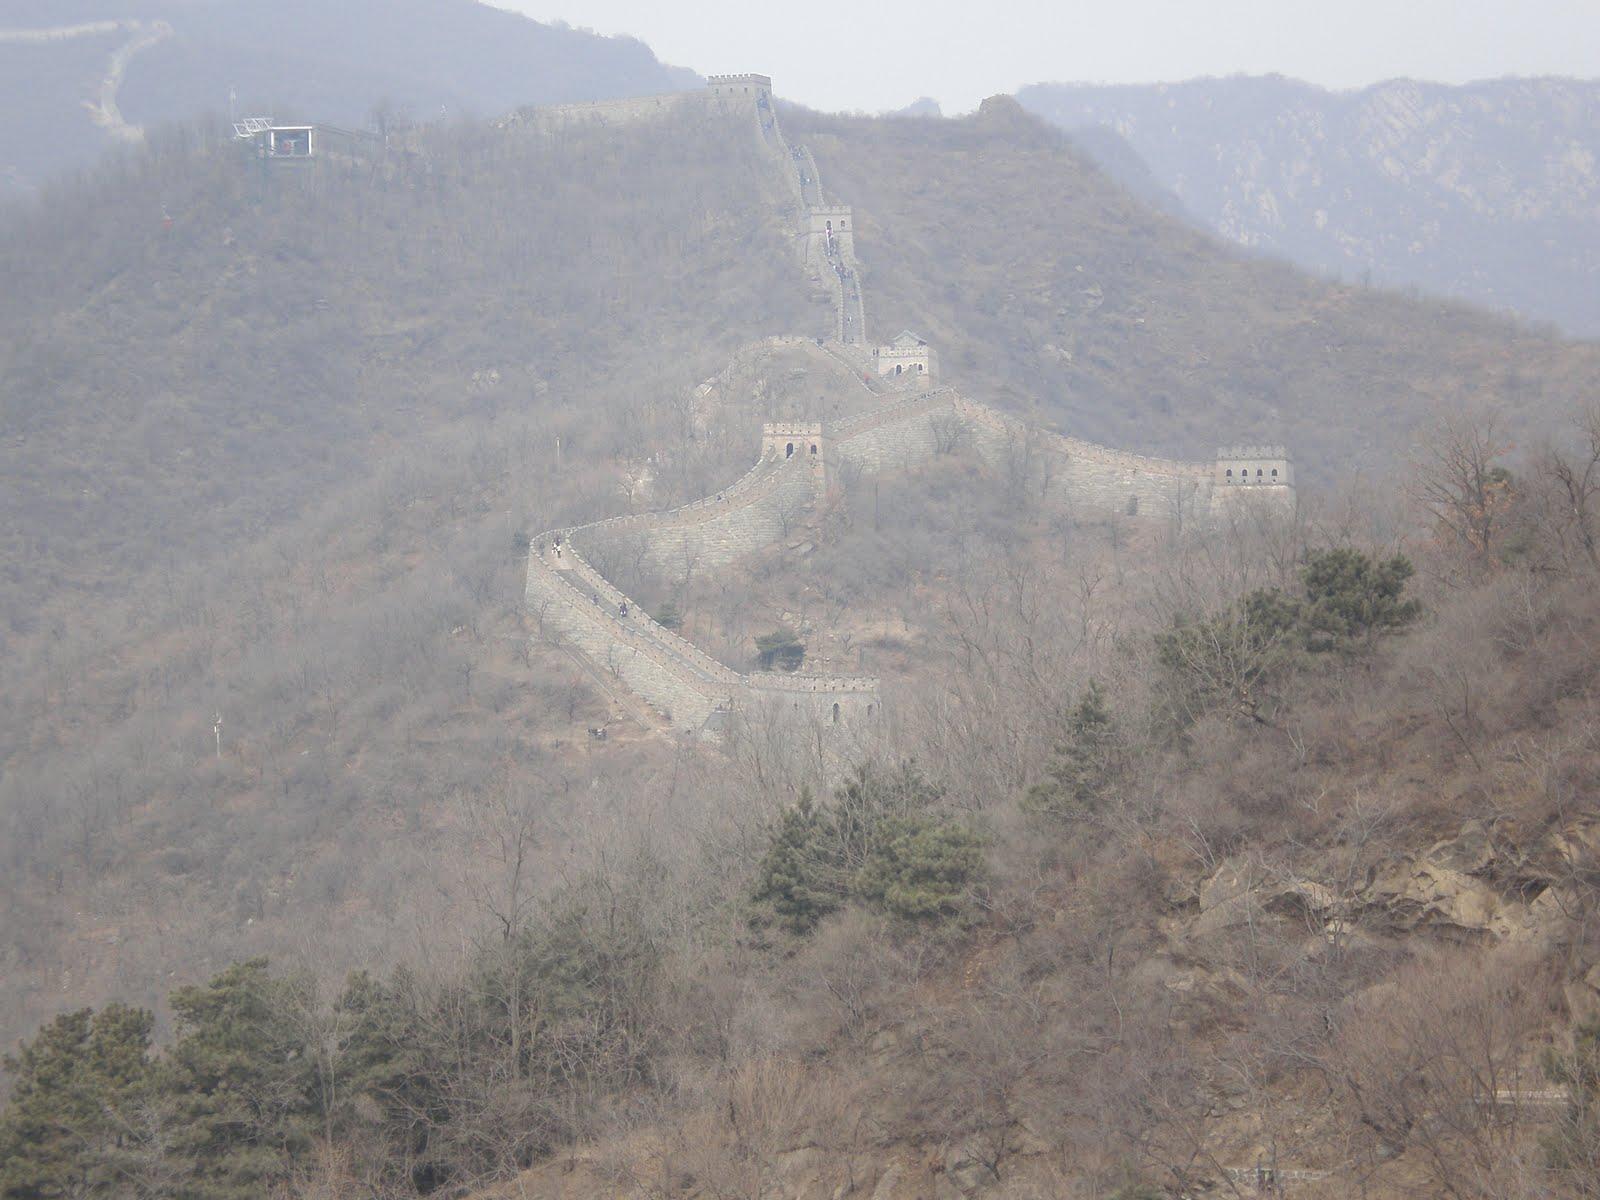 http://2.bp.blogspot.com/_nSGRfA3ITIo/S72UuSVR3EI/AAAAAAAABB0/xywa-lCasdE/s1600/Beijing+Wall+5.JPG